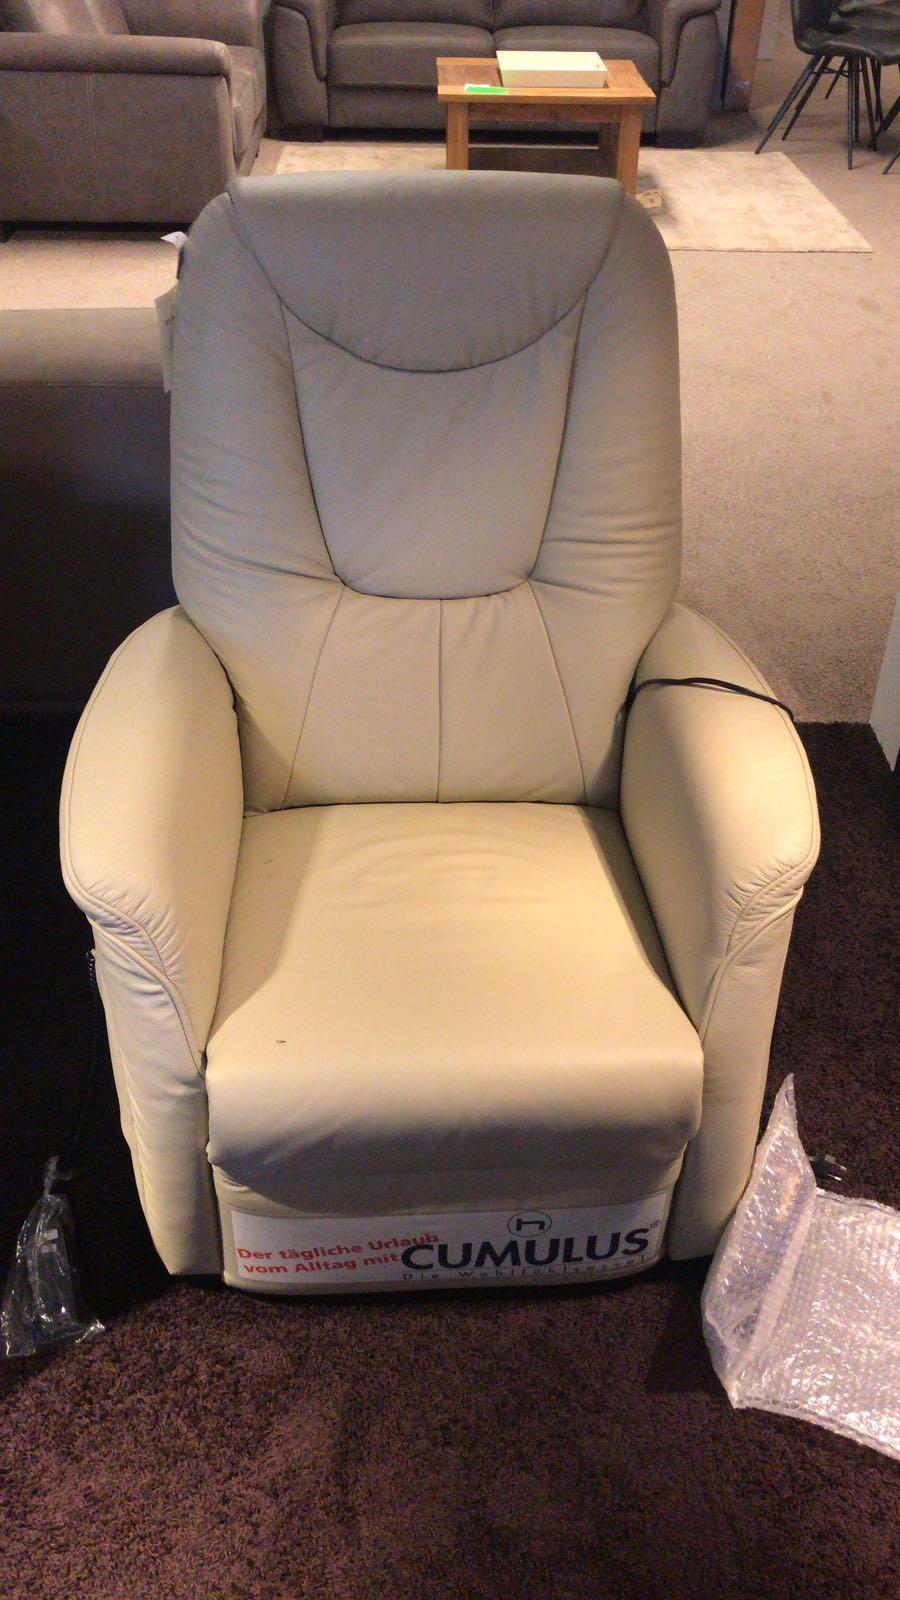 Relaxfauteuil Leder Elektrisch.Elektrische Relax Fauteuil 100 Leder A B Super Comfort Ecru